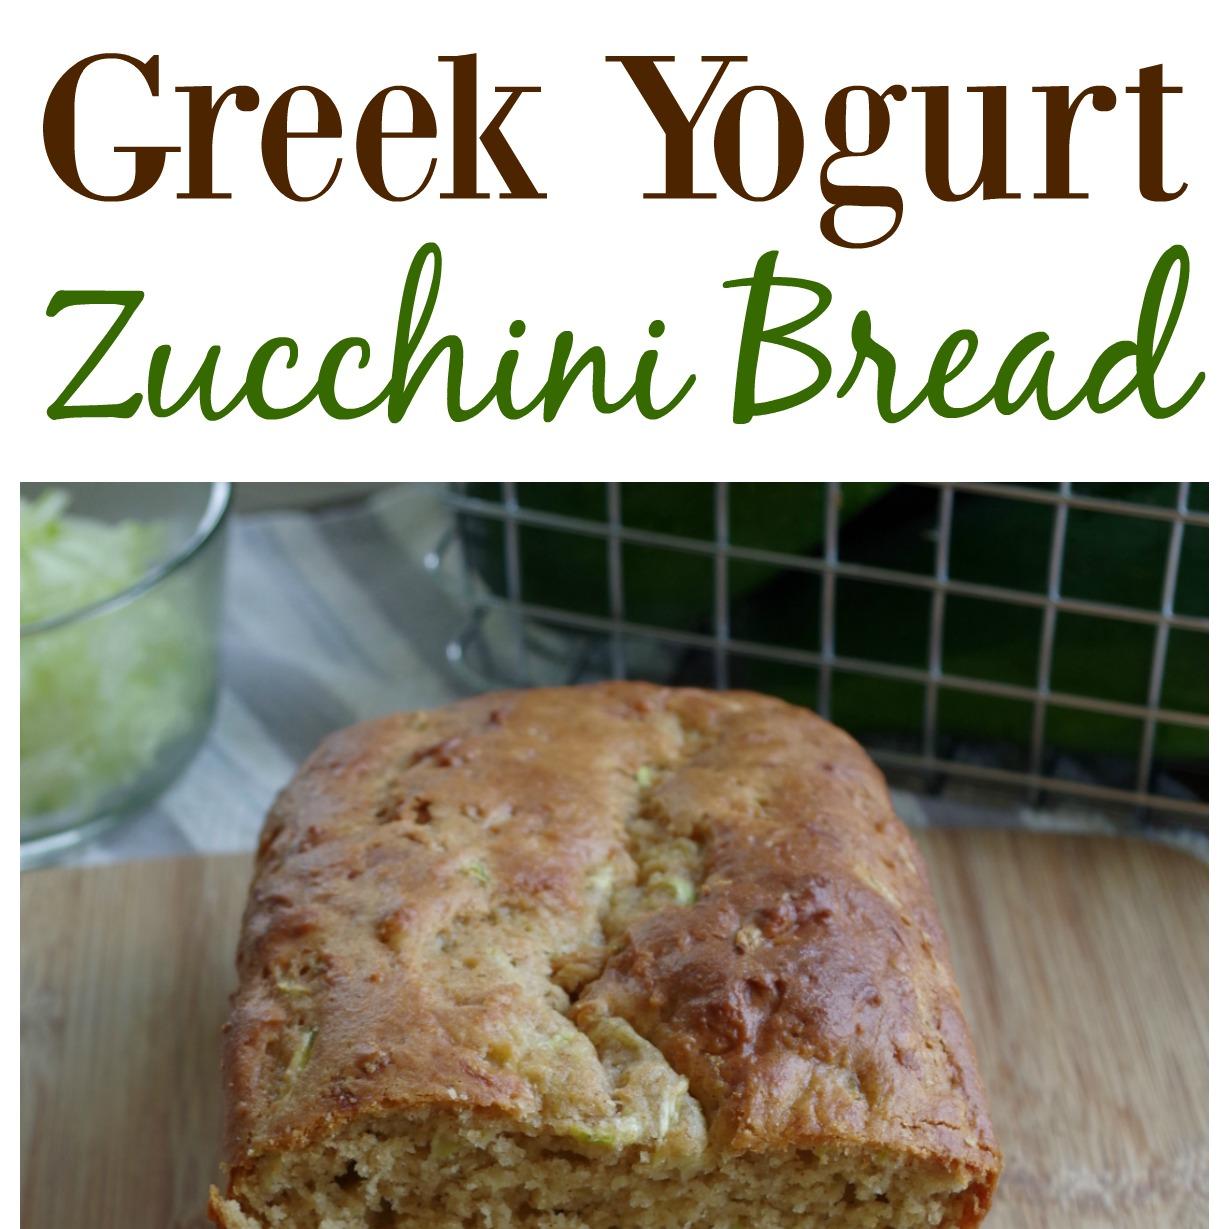 Greek Yogurt Zucchini Bread - Graceful Little Honey Bee